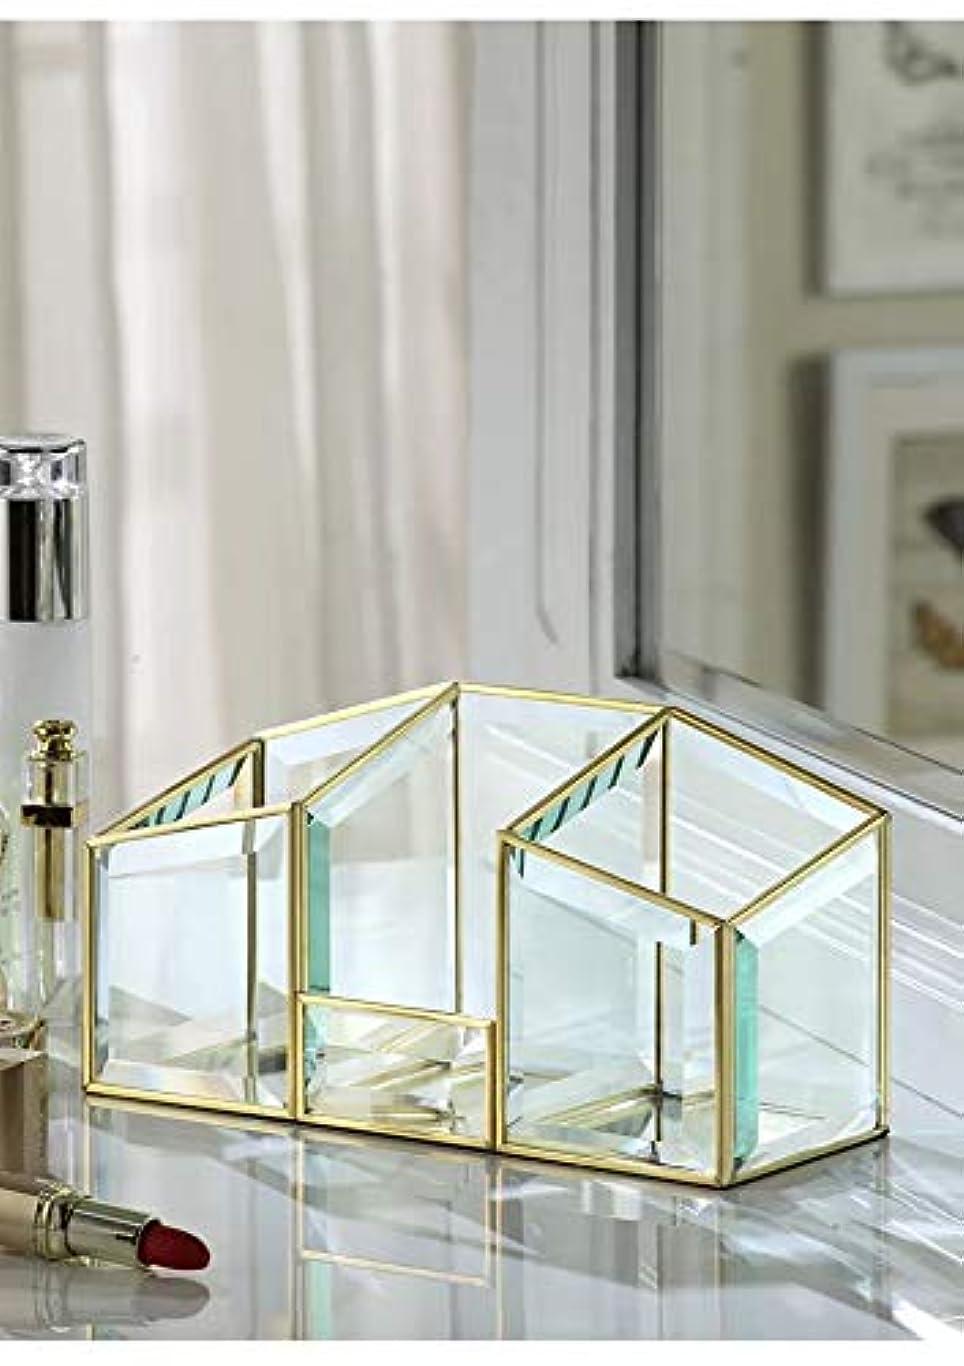 汚れる批判的賛美歌Kouso ガラスと真鍮でできたキャッシュトレー シャンパンゴールドガラス装飾表示&整理ガラストレイ ジュエリートレイ ゴールド メイクブラシ収納ボックス (長方形-1)